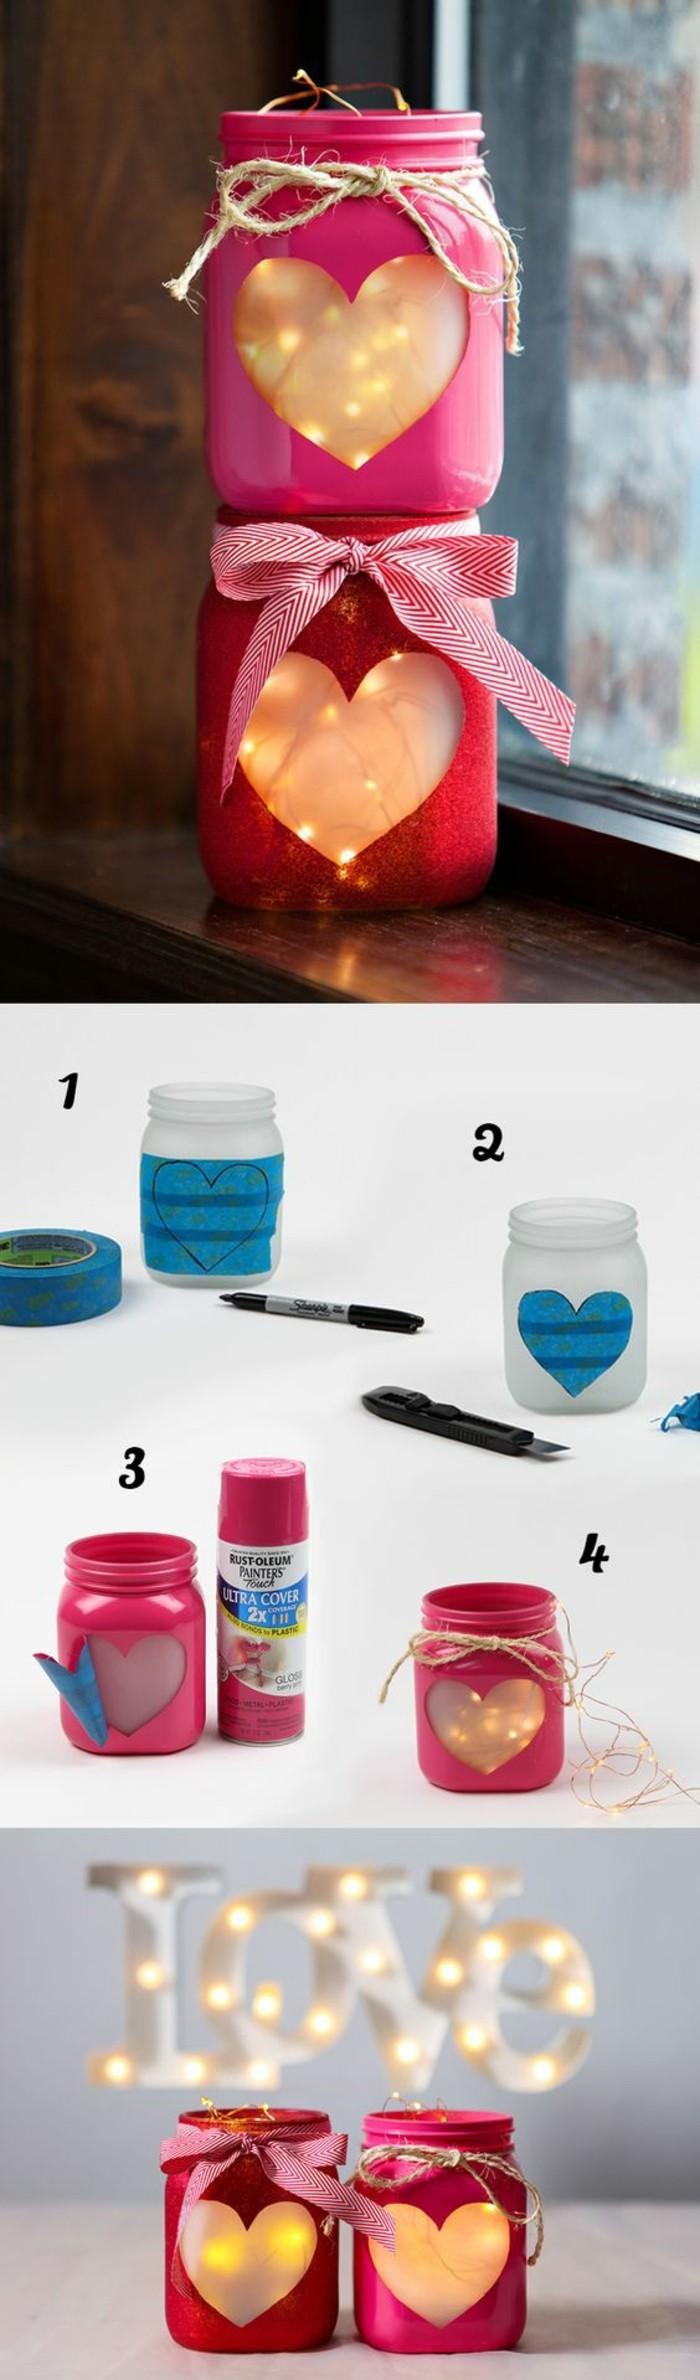 comment faire une lampe diy, modèle de lanterne dans un bocal en verre, fabriquer un objet lumineux pour la fête des amoureux